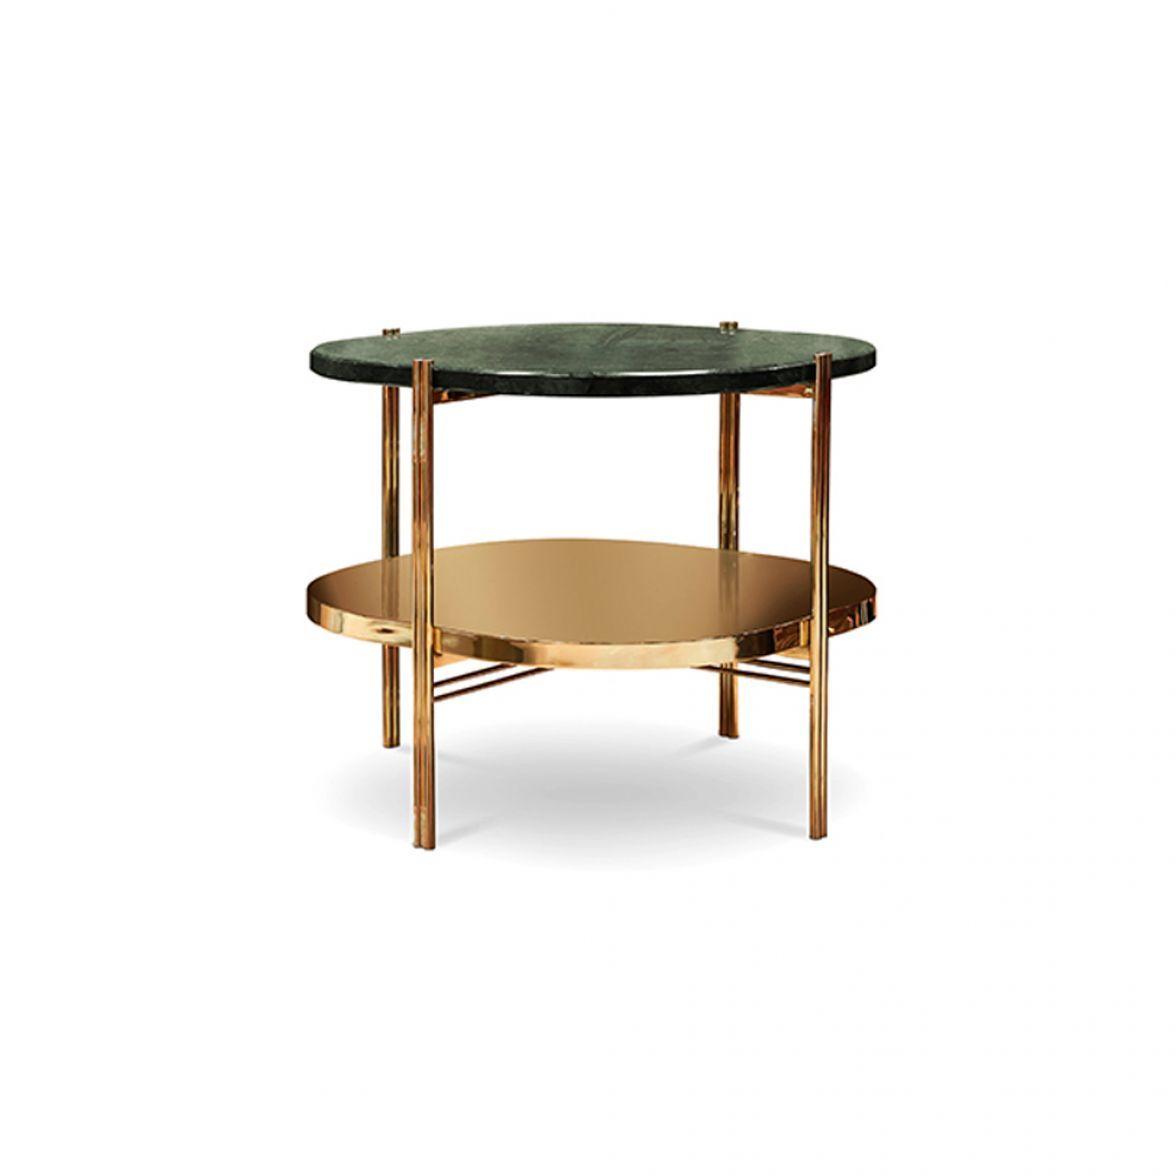 Craig side table